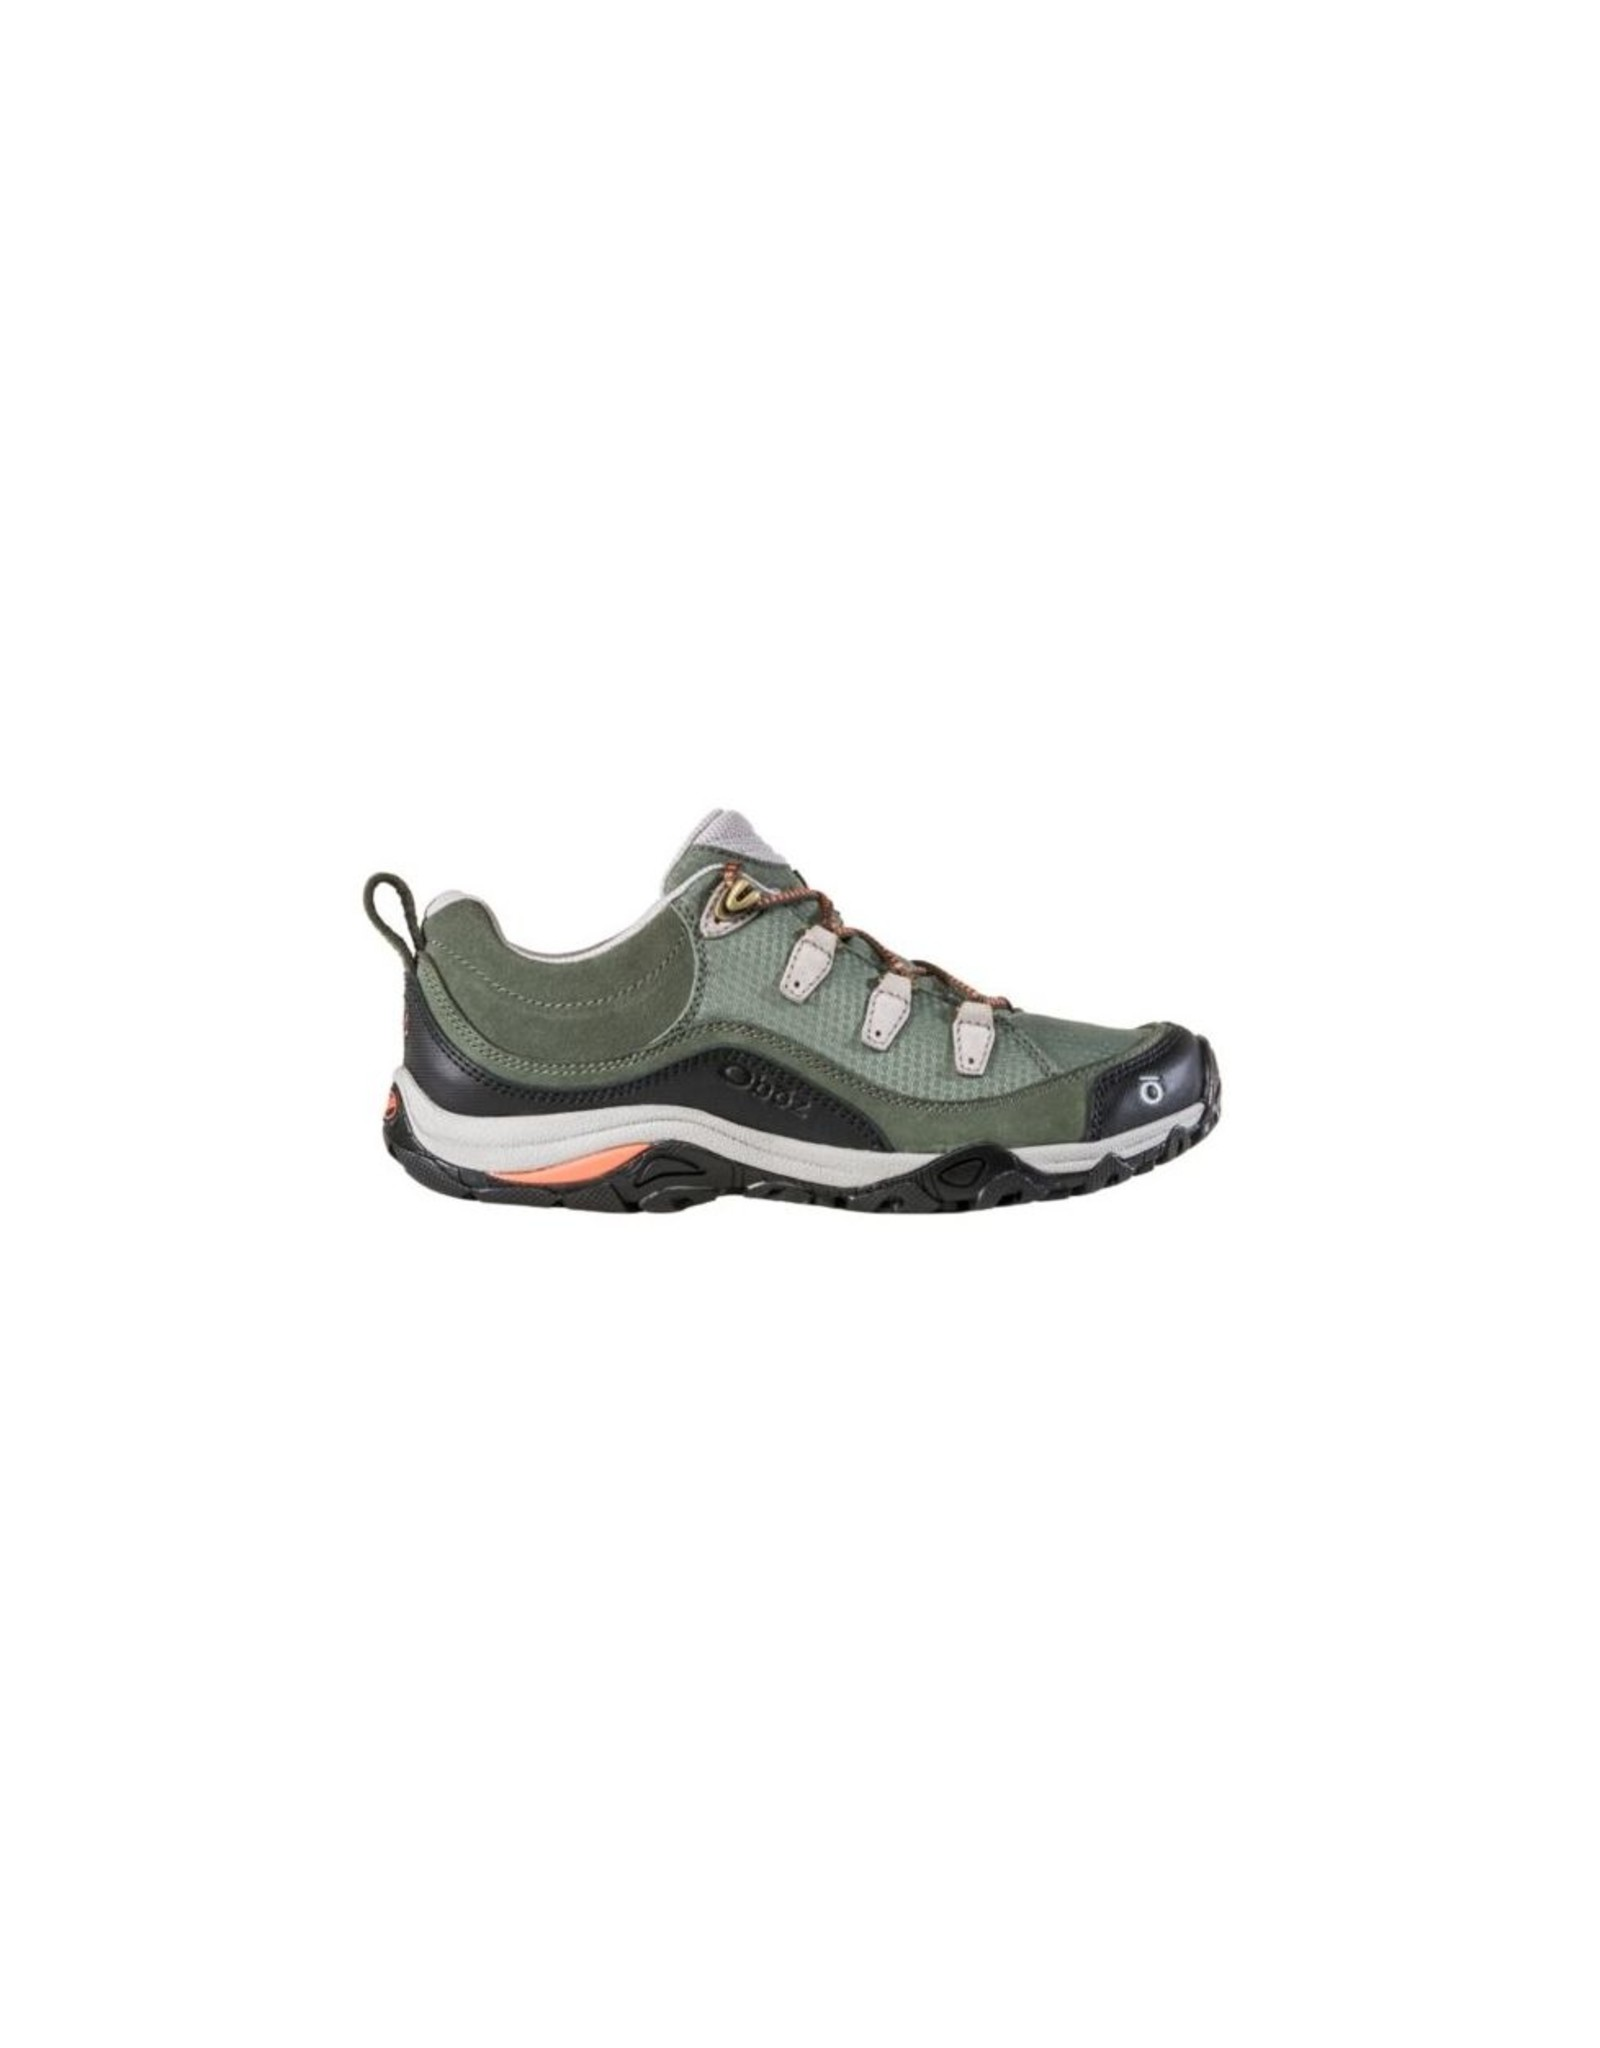 Oboz Oboz Juniper Low Hiking Shoes - Women's